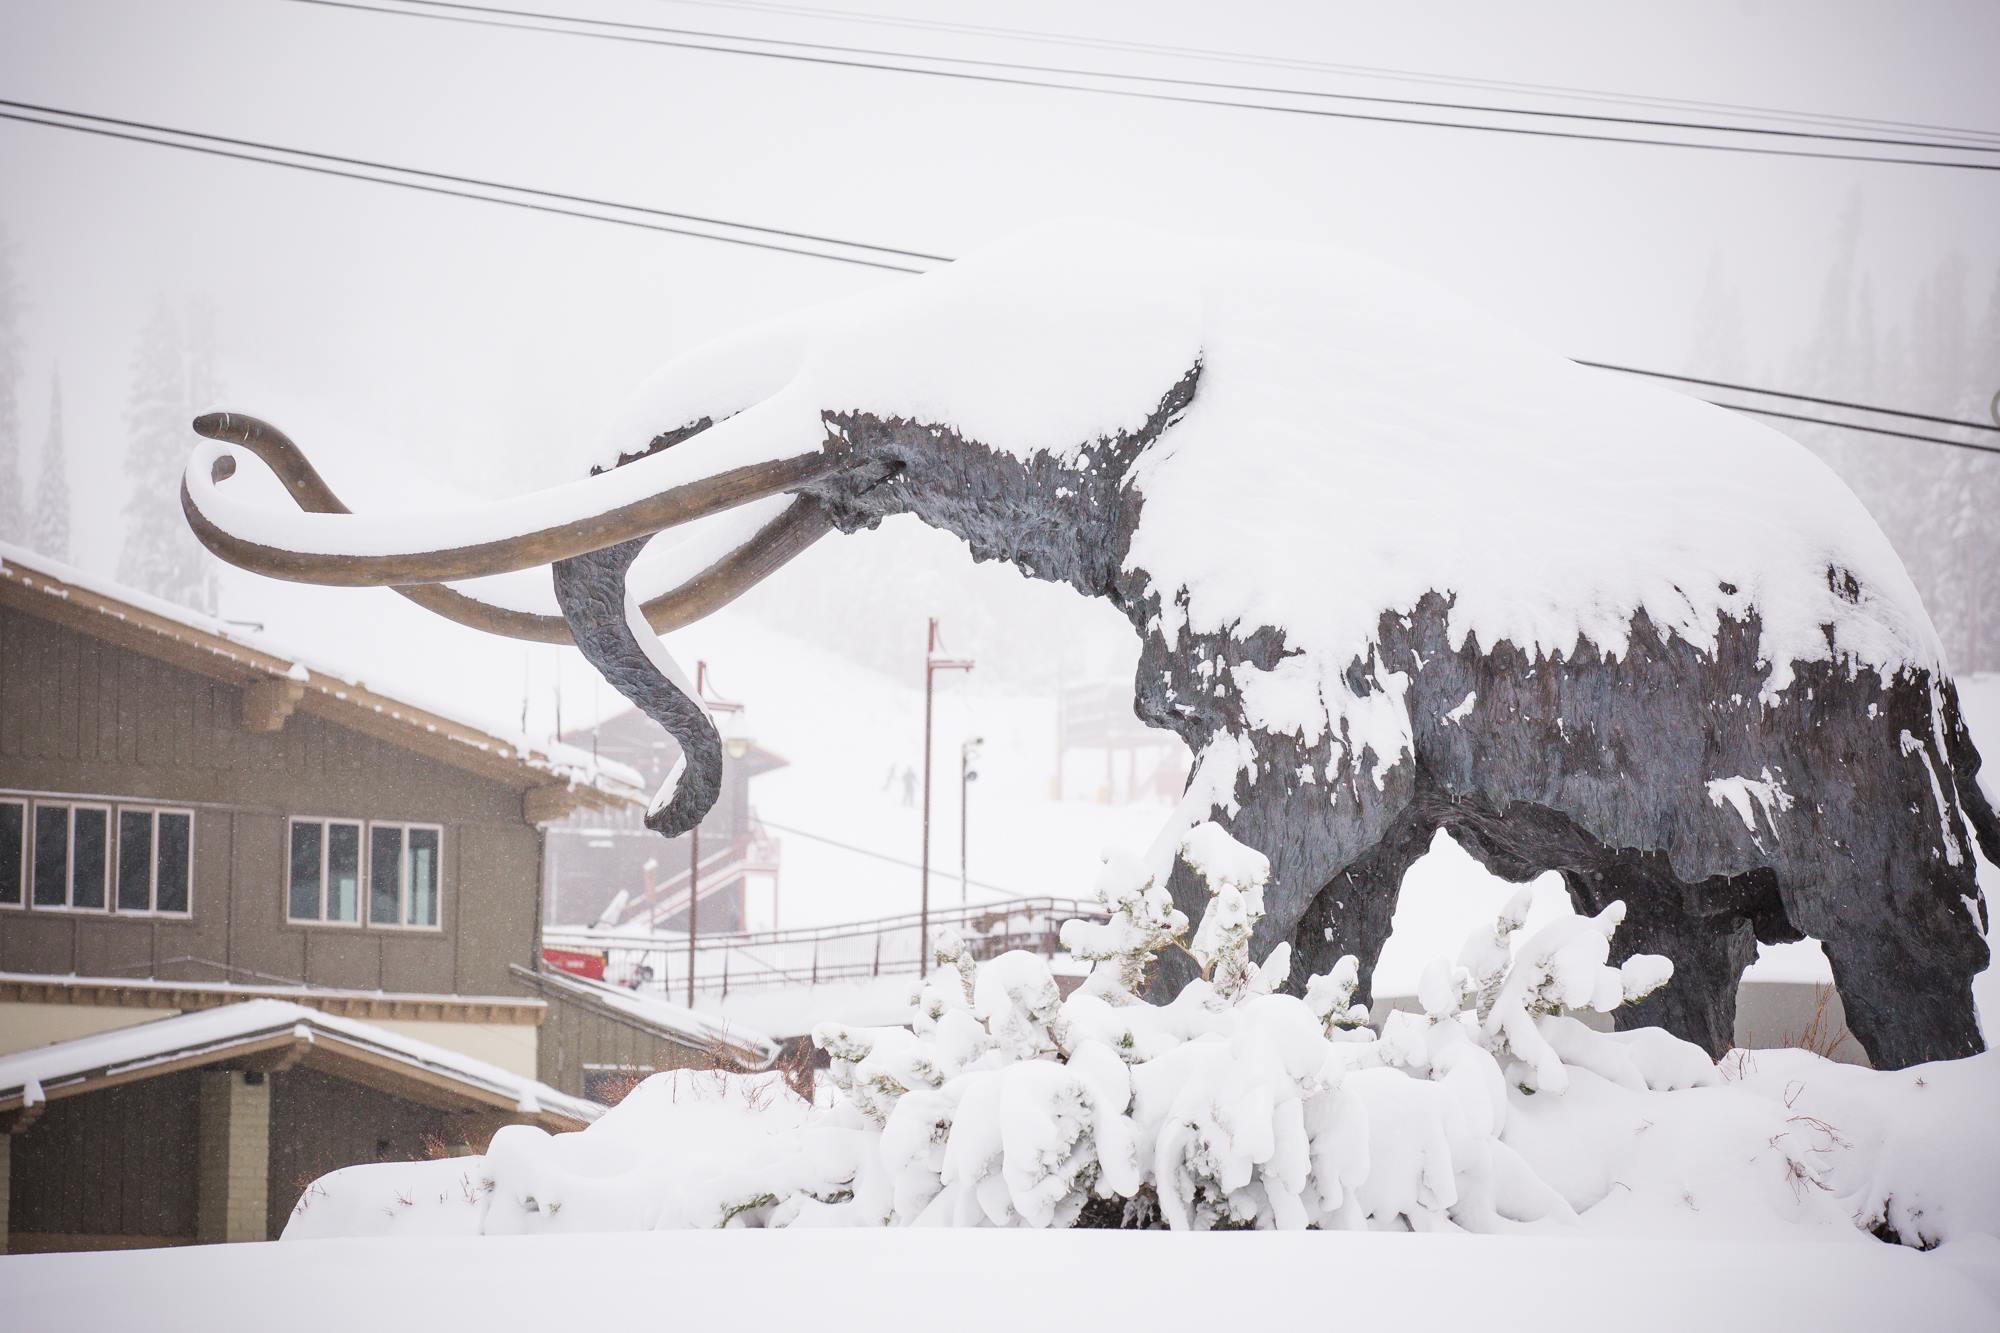 May storm keeps slopes open at Mammoth